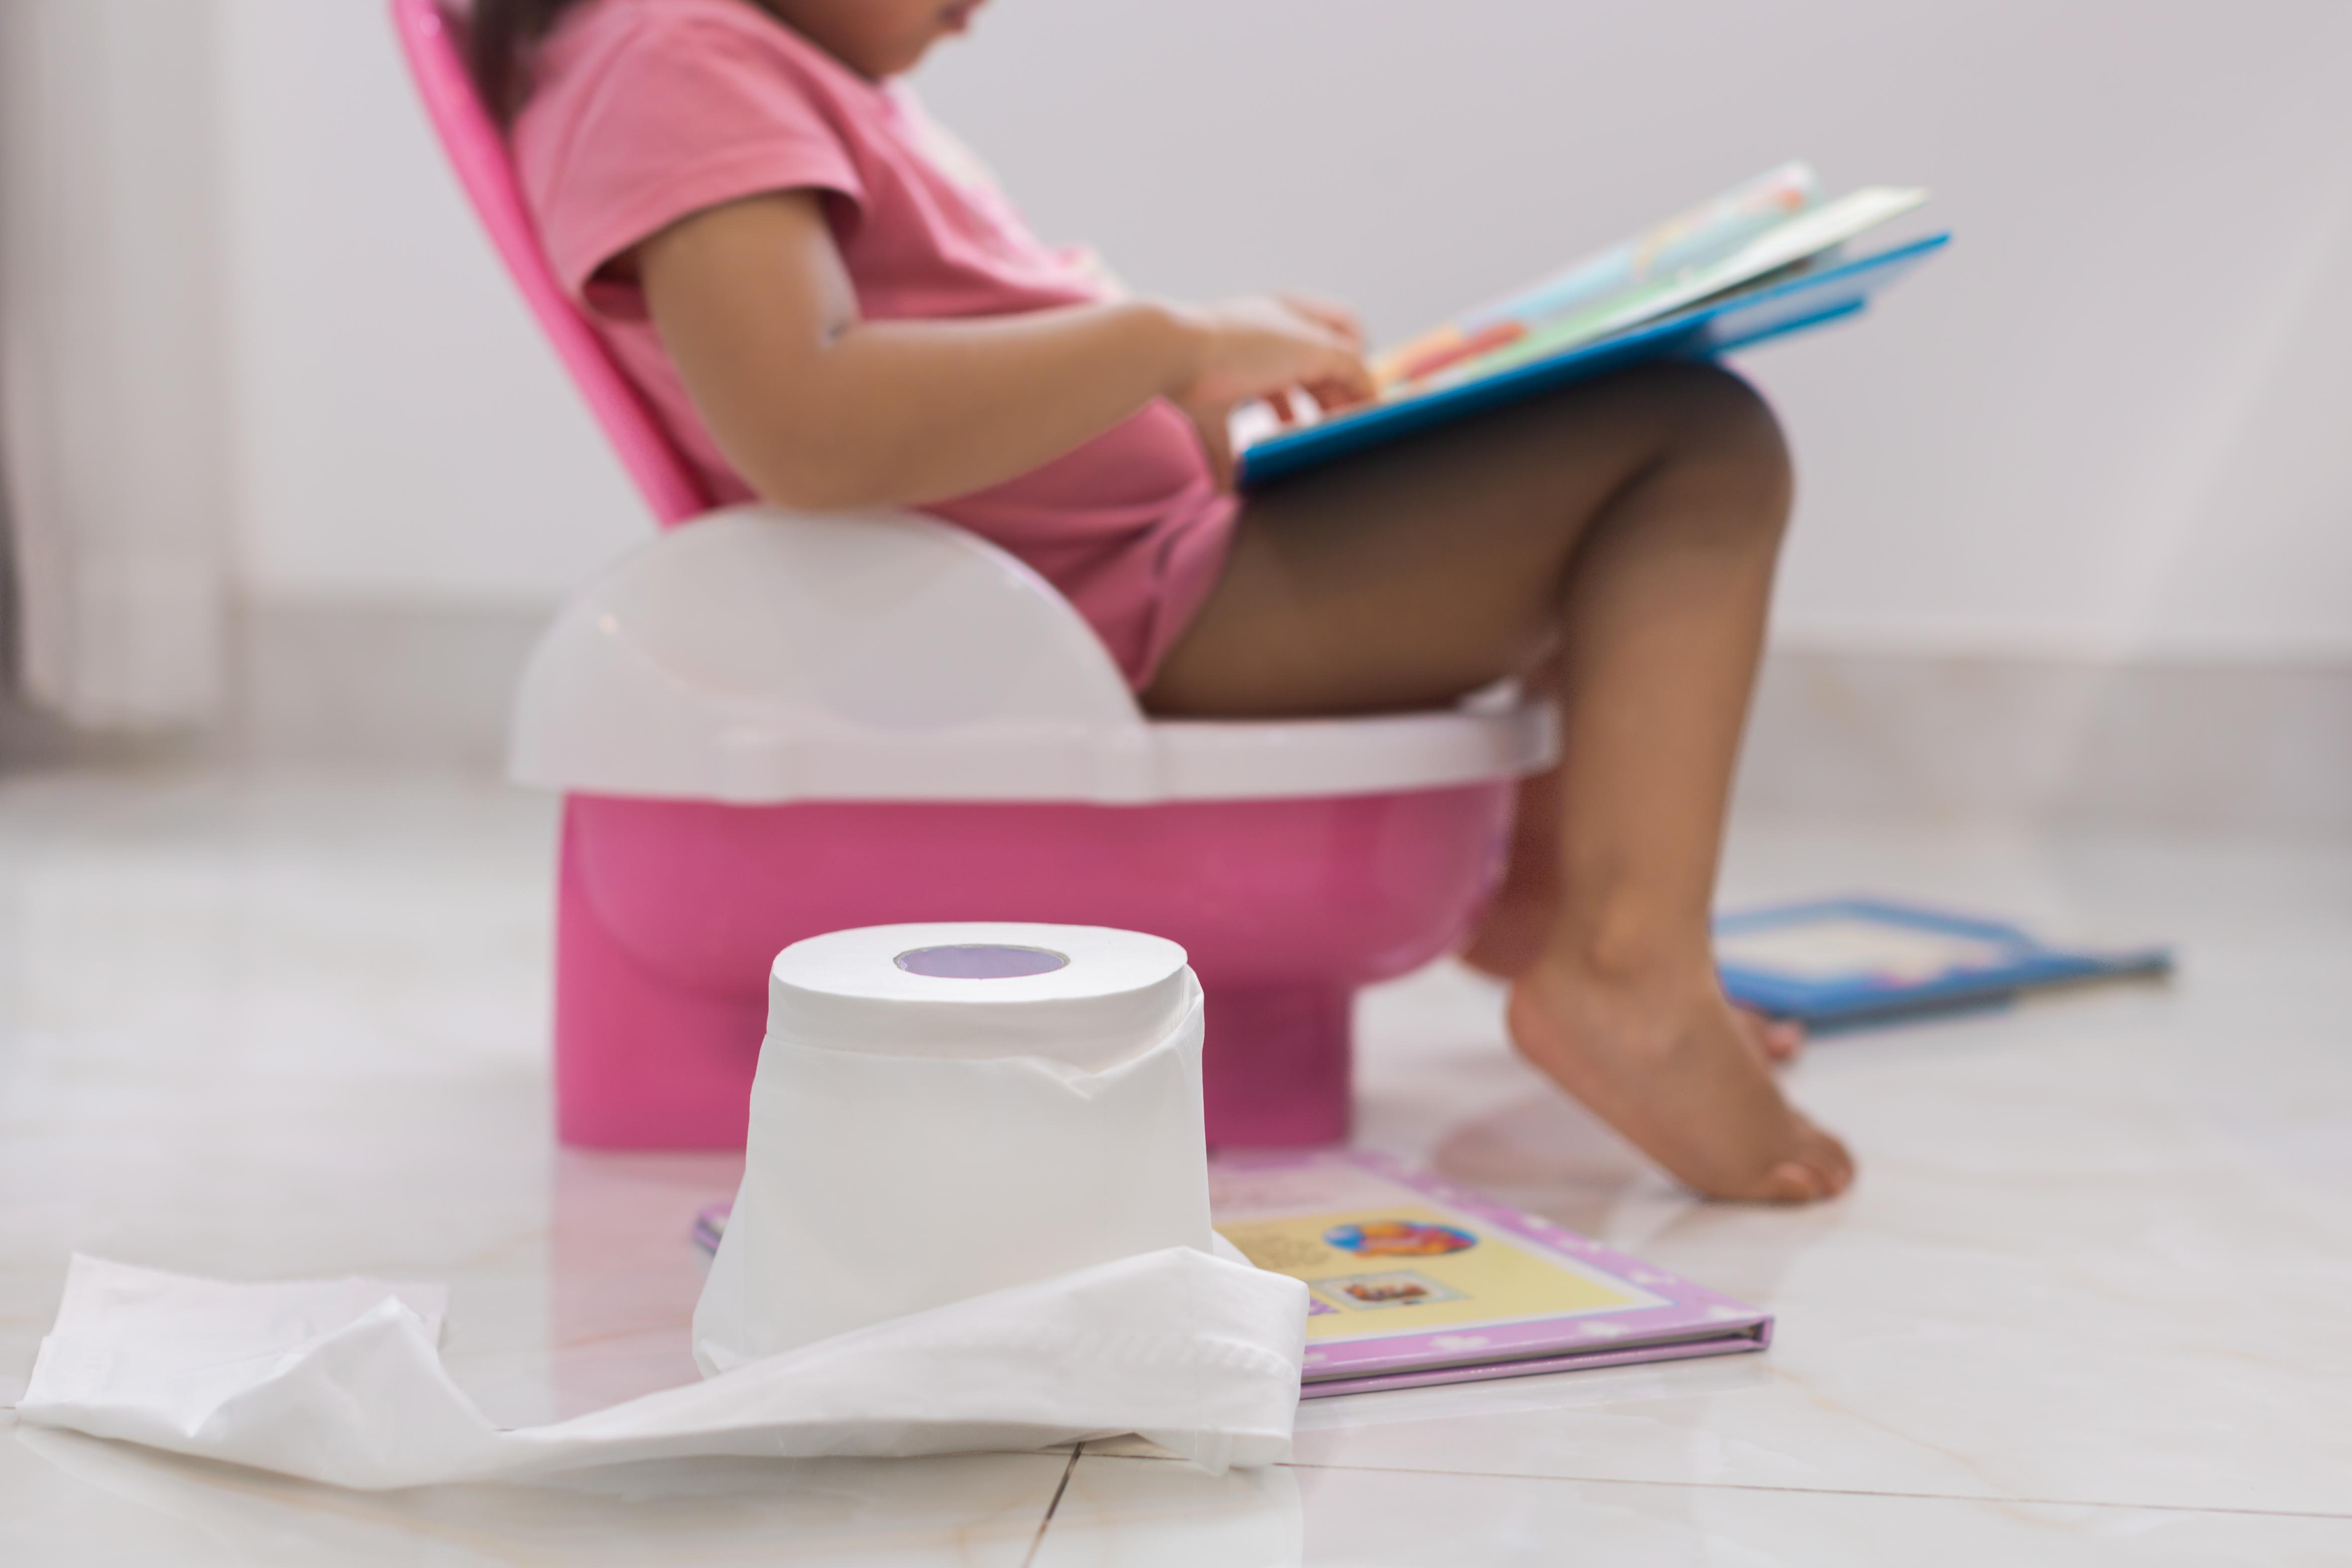 Gespecialiseerde fysiotherapie bij kinderen met problemen in de zindelijkheid